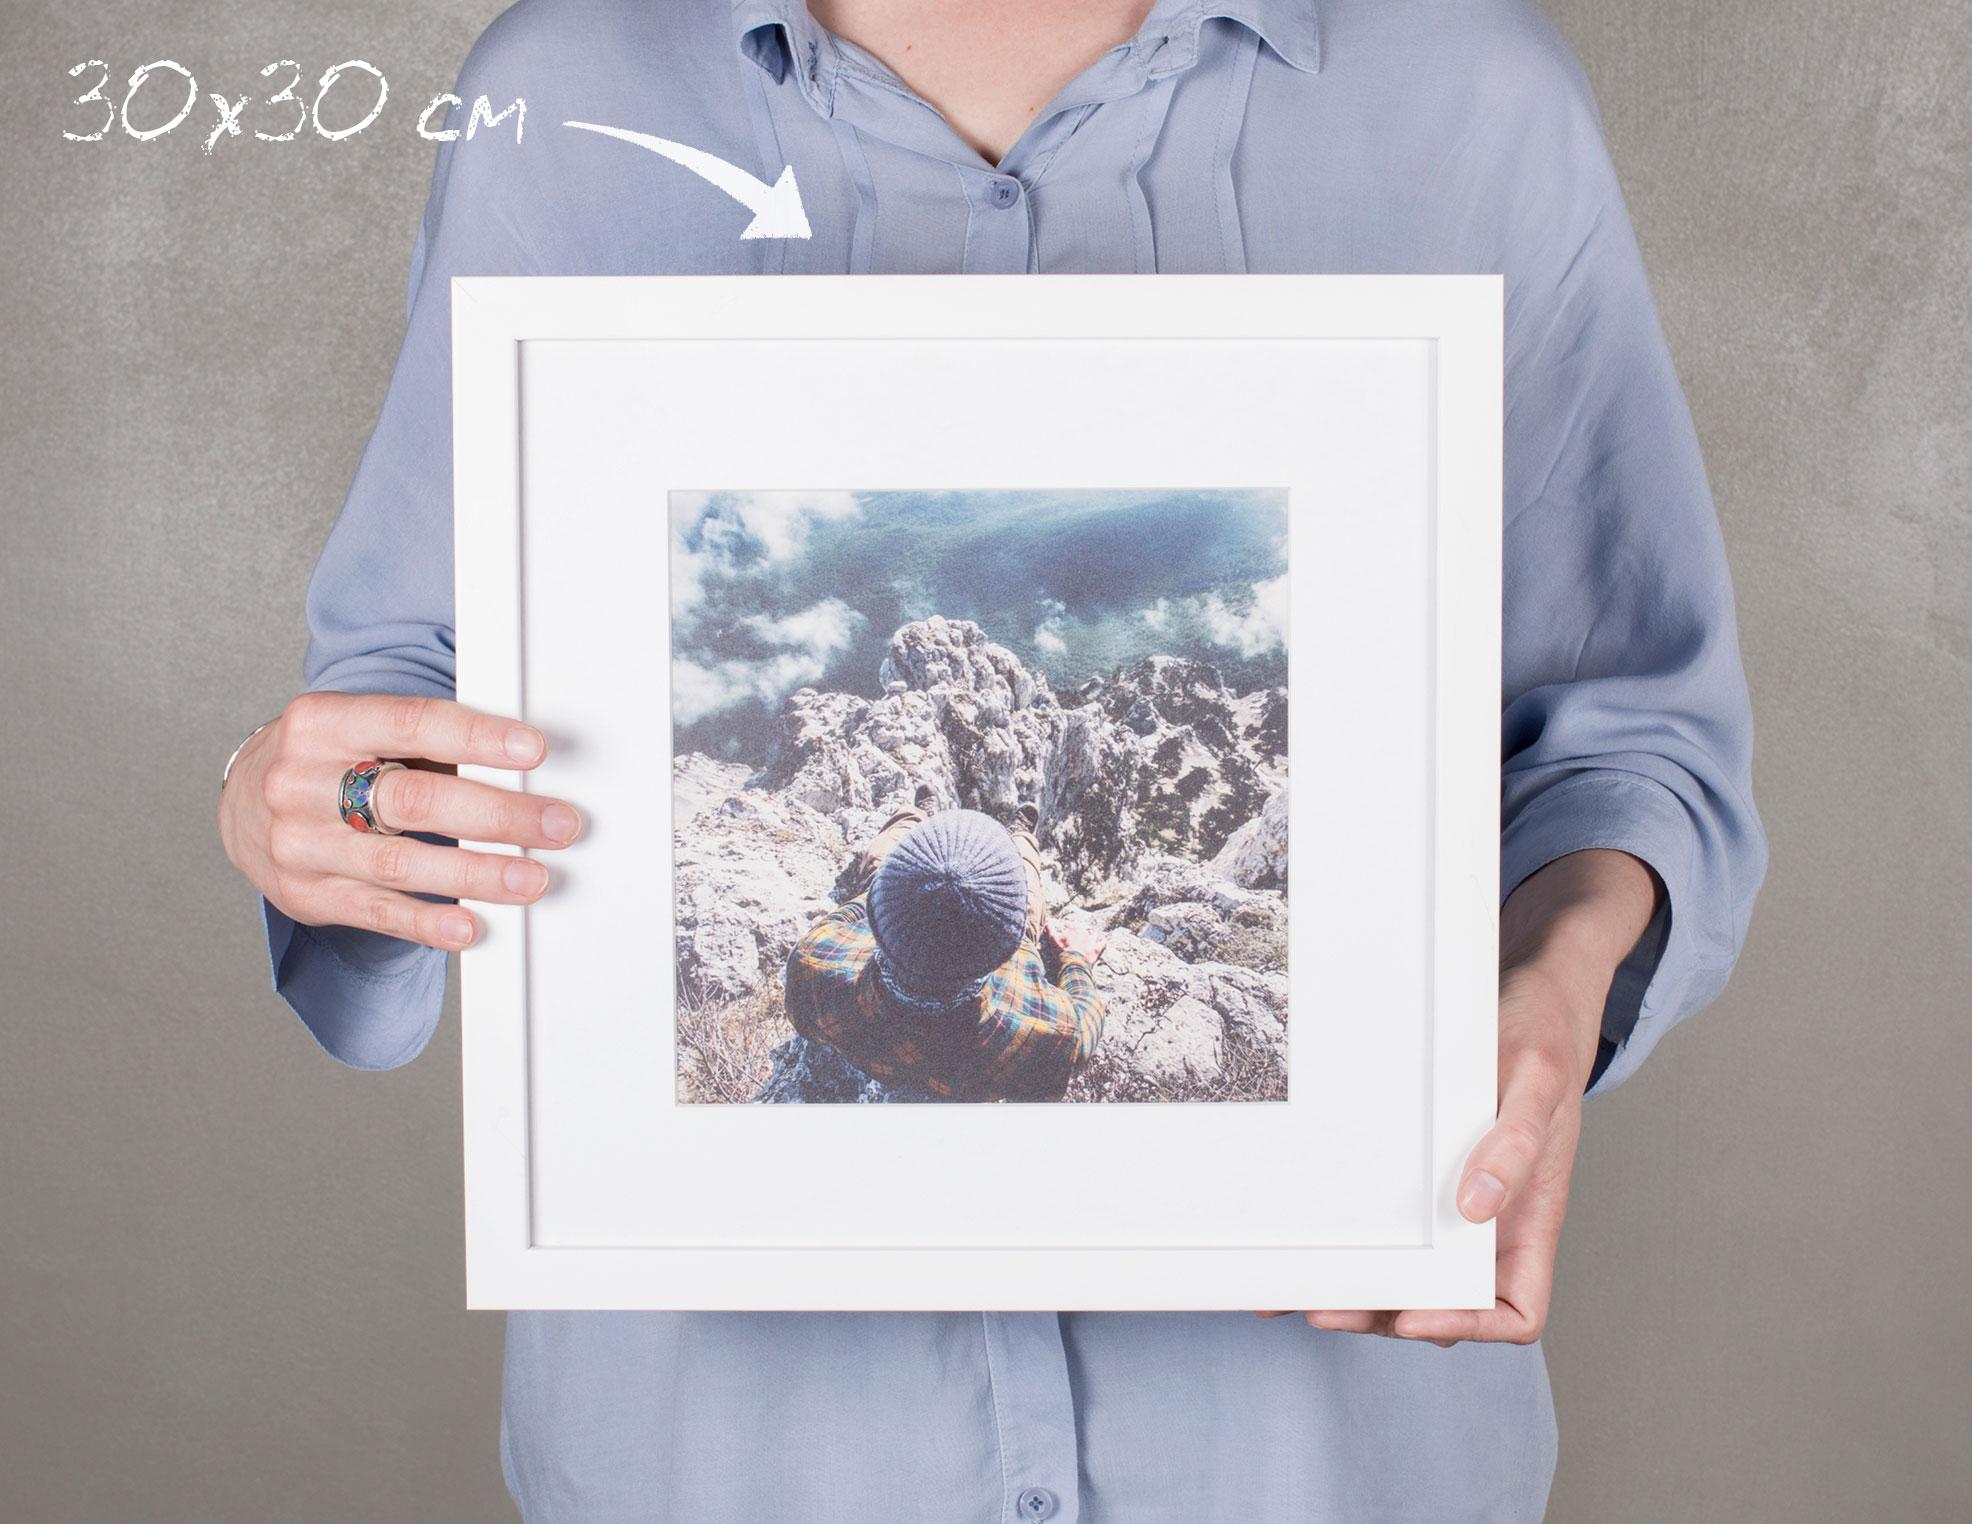 Фотография с паспарту: изготовление и печать на заказ в NetPrint